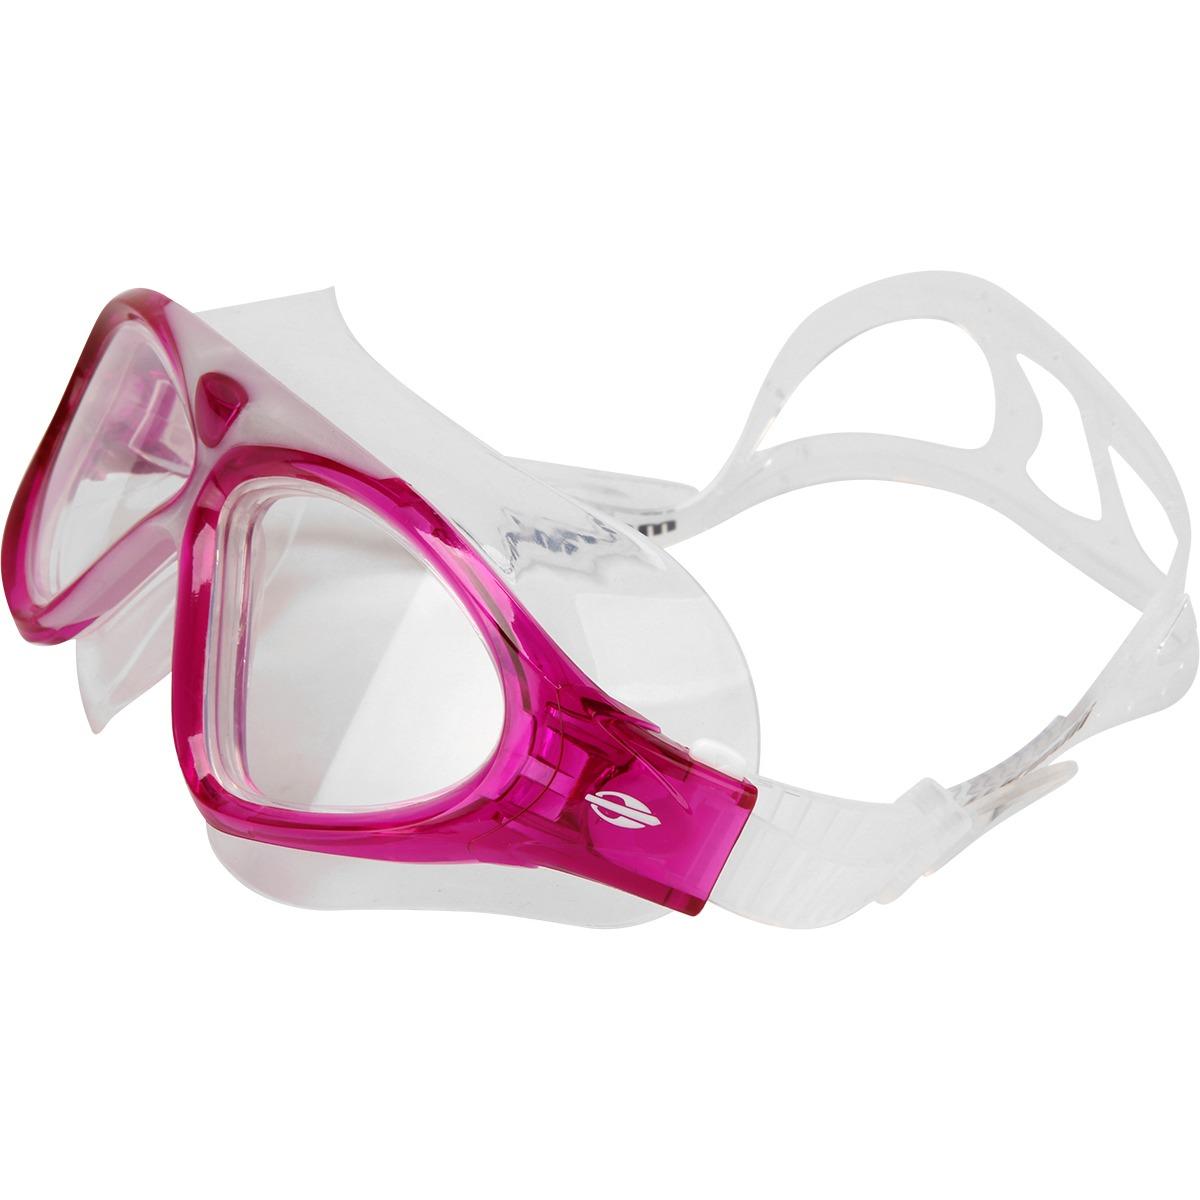 Oculos Natação Mormaii Orbit Rosa Lentes Transparentes - R  79,00 em ... 55bbaf4cce